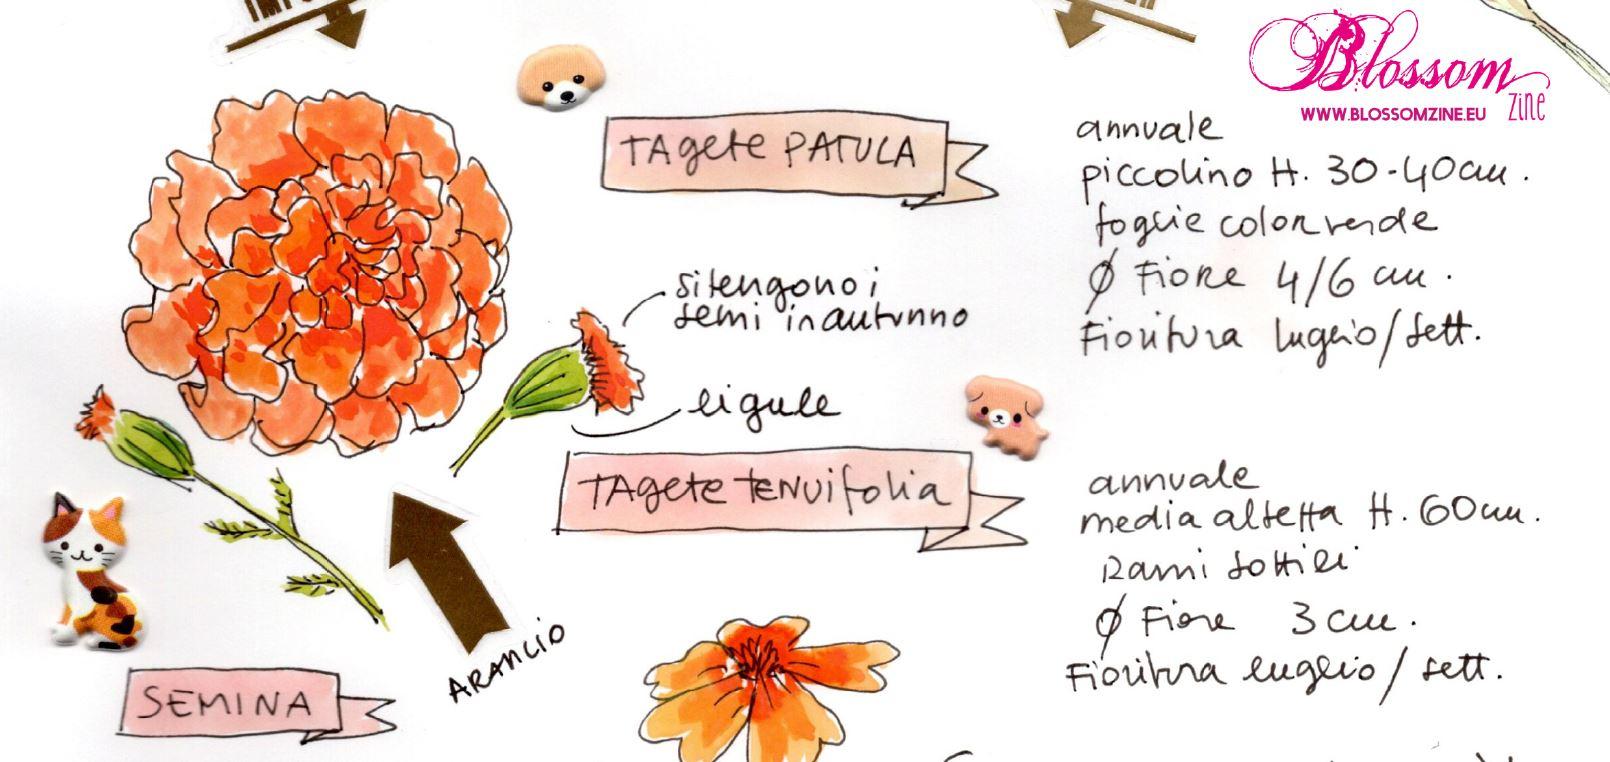 blossomzine-particolare-tagete